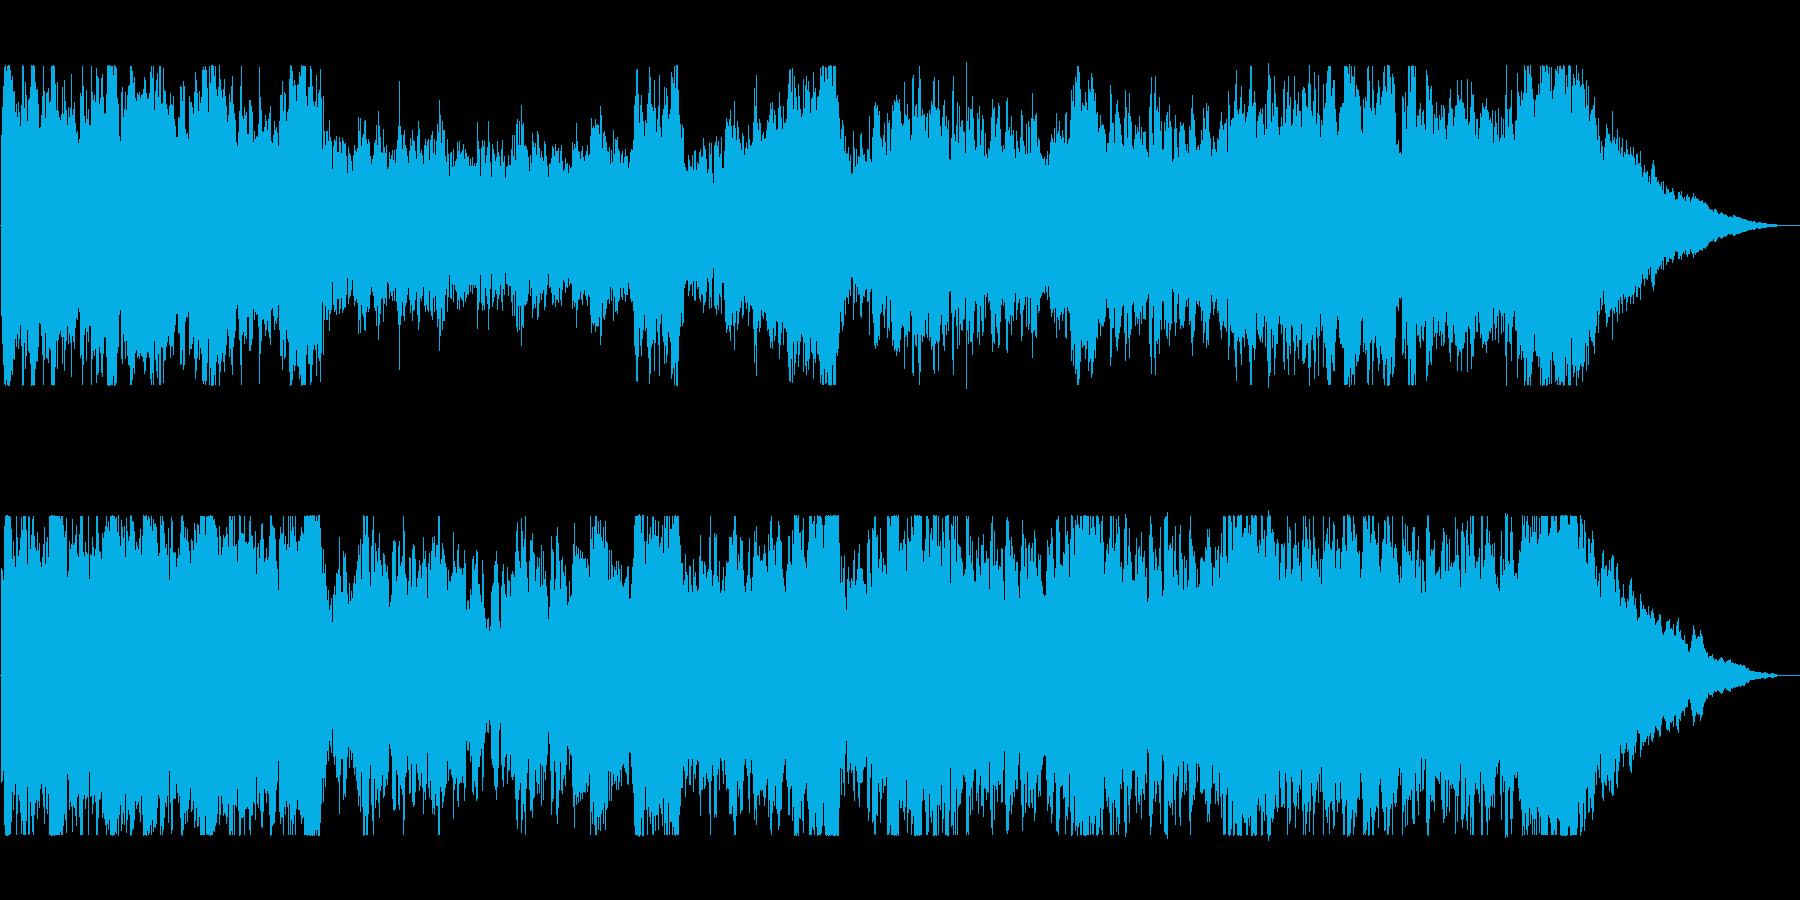 壮大でファンタジーな管弦打楽器サウンドの再生済みの波形